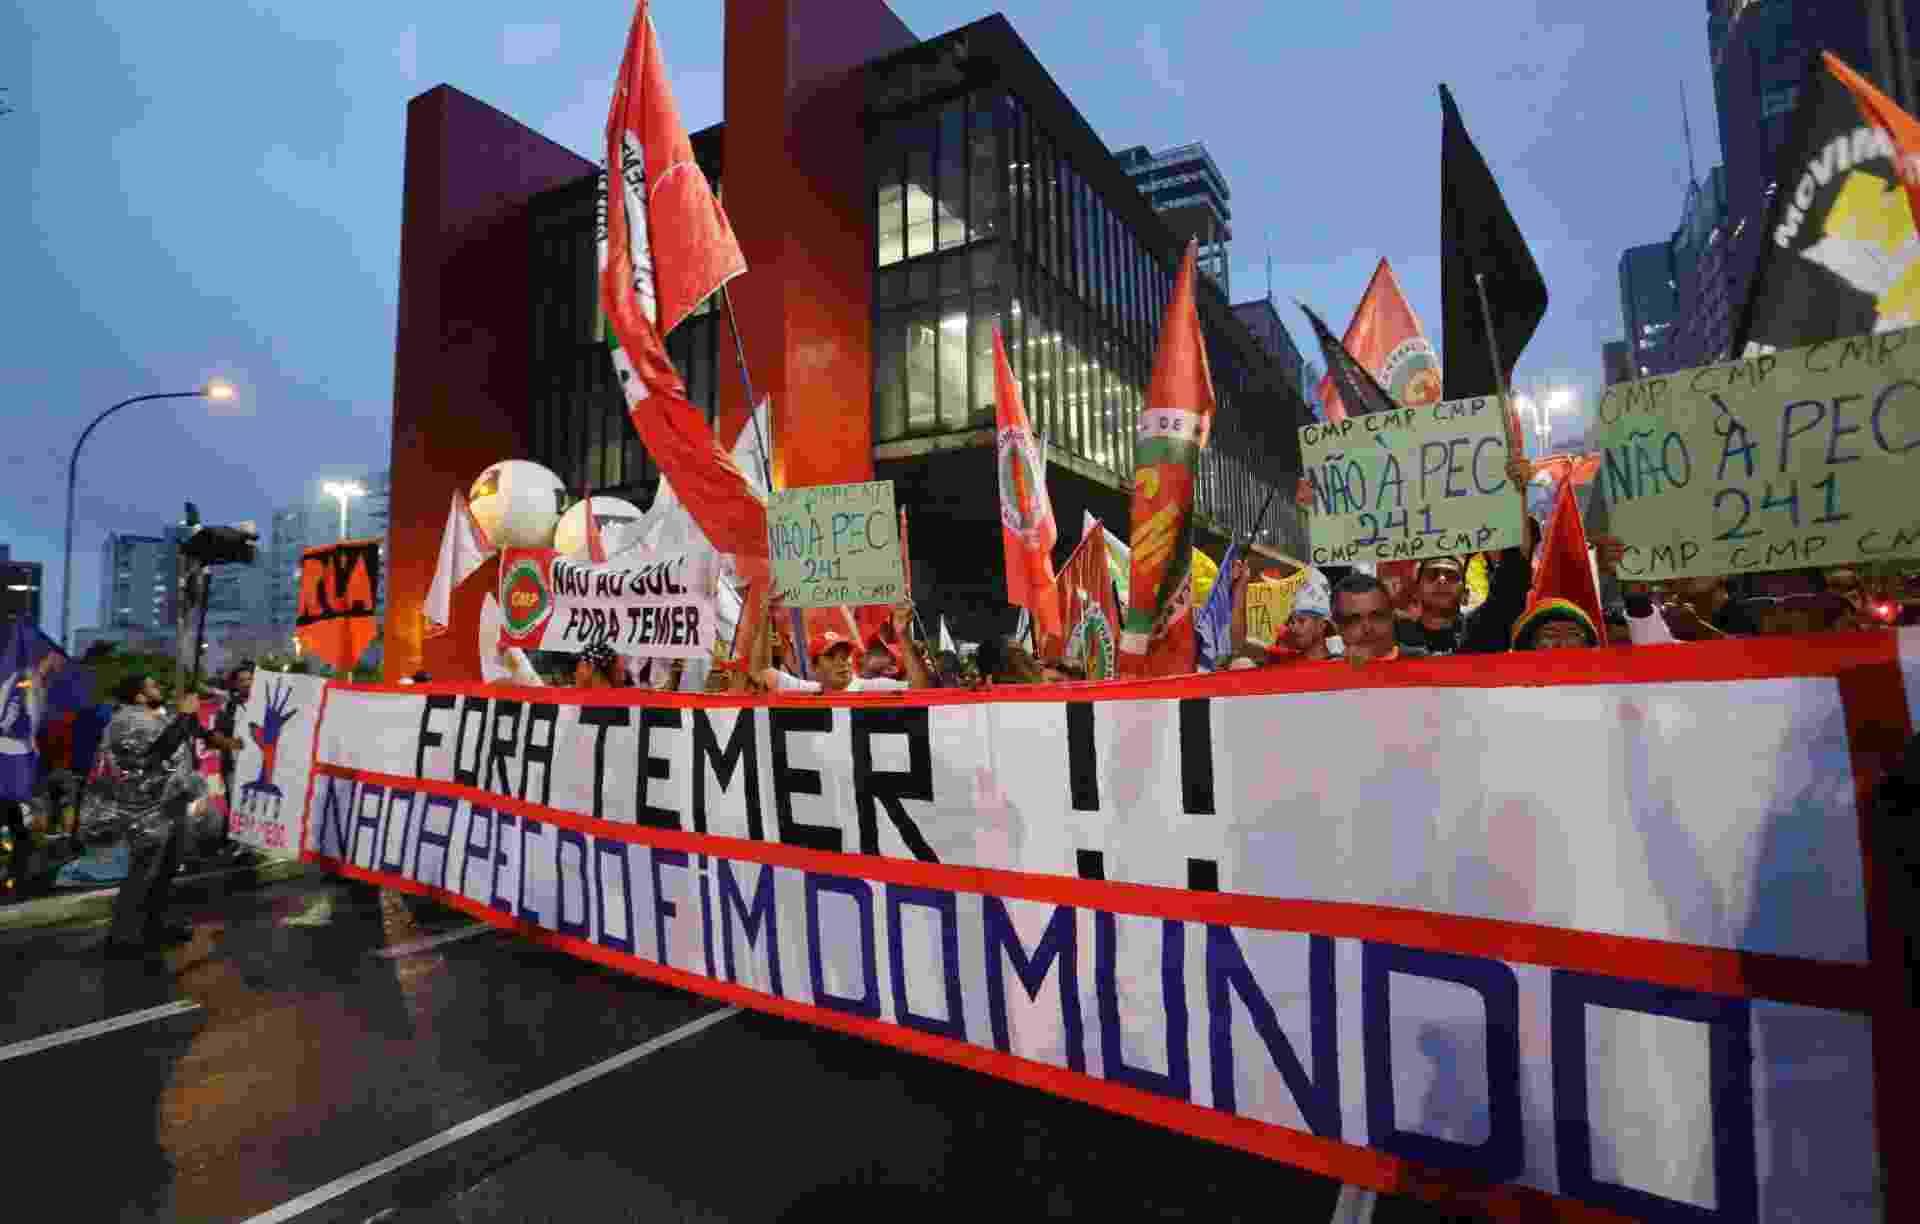 Manifestantes realizam ato contra Proposta de Emenda Constitucional 241 nesta terca - Nelson Antoine/Estadão Conteúdo